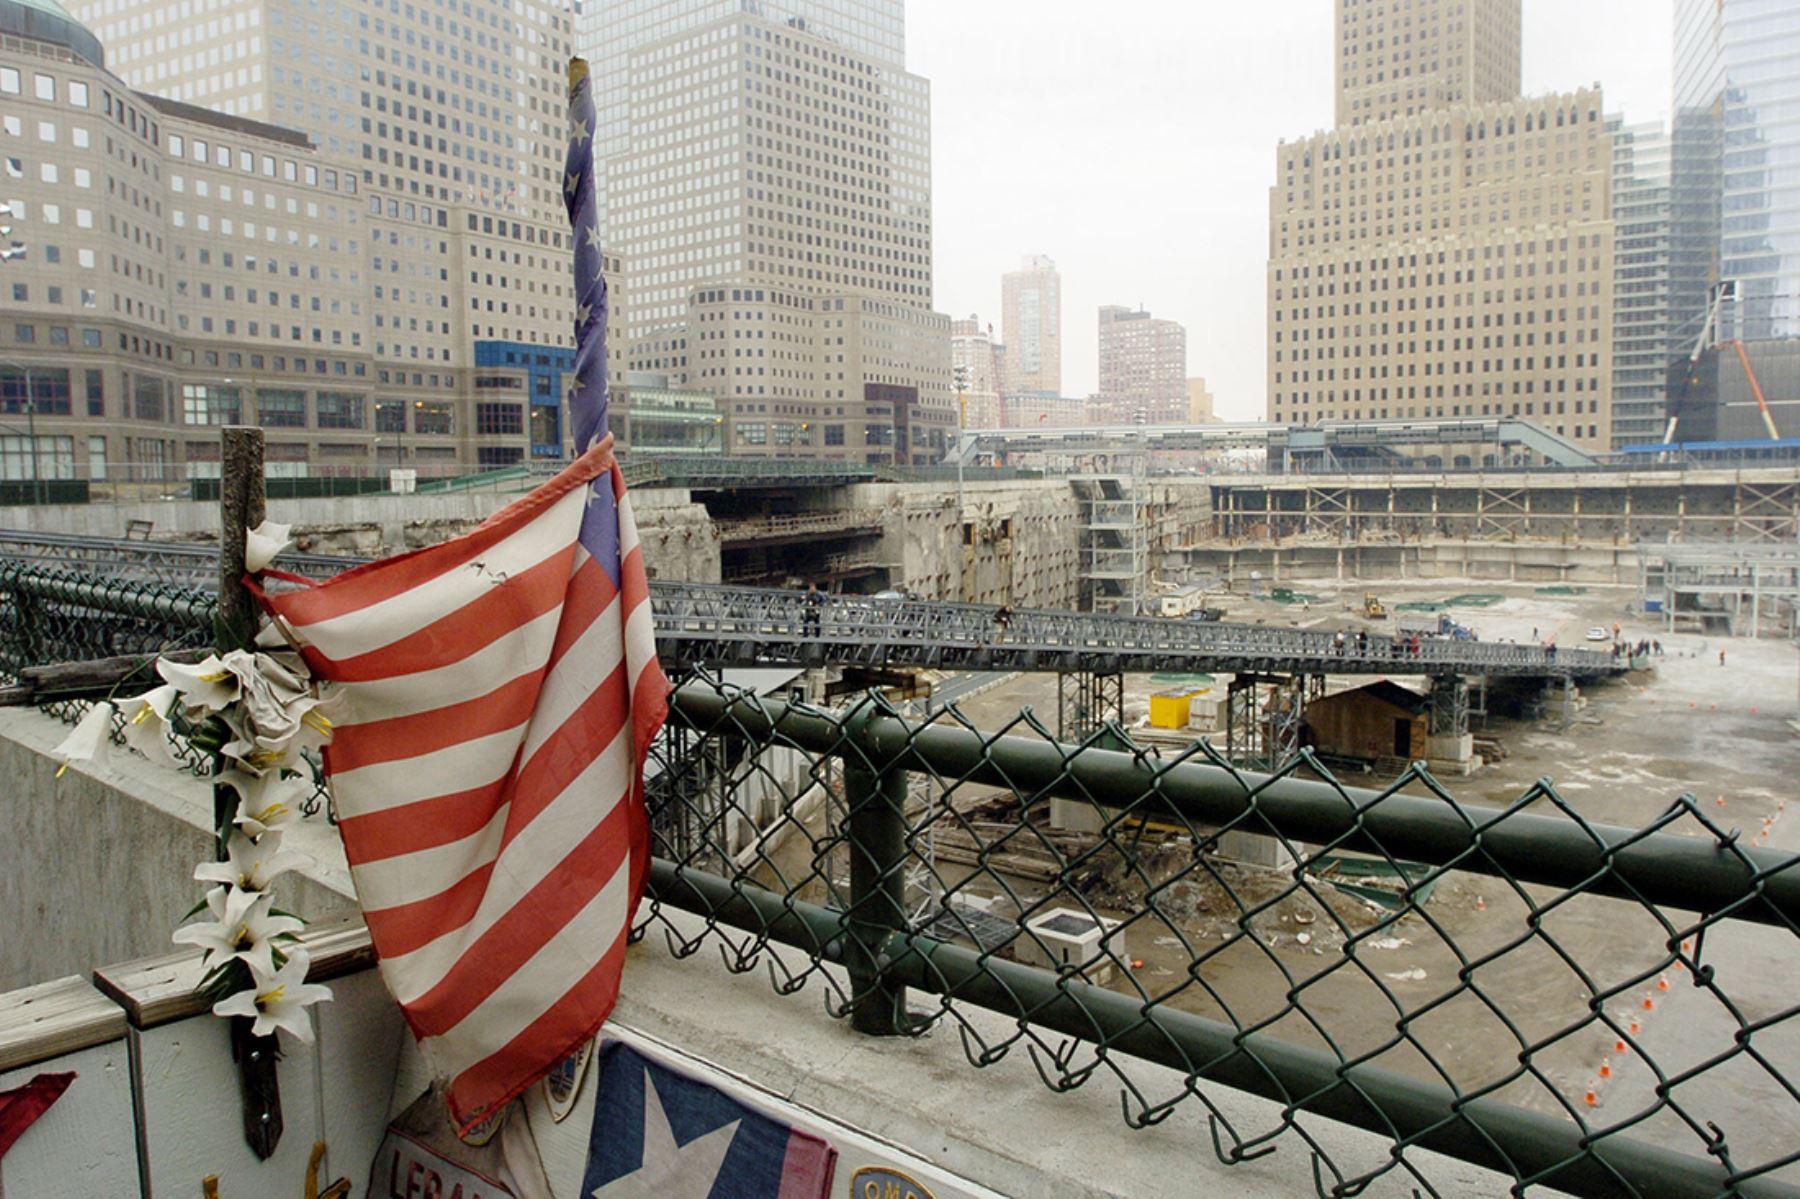 Cinco años después,  trabajadores de la construcción cerca del World Trade Center descubrieron 74 fragmentos más de hueso en un rascacielos dañado que se está preparando para la demolición, dijeron las autoridades. Nueva York, 13 de marzo de 2006. Foto: AFP